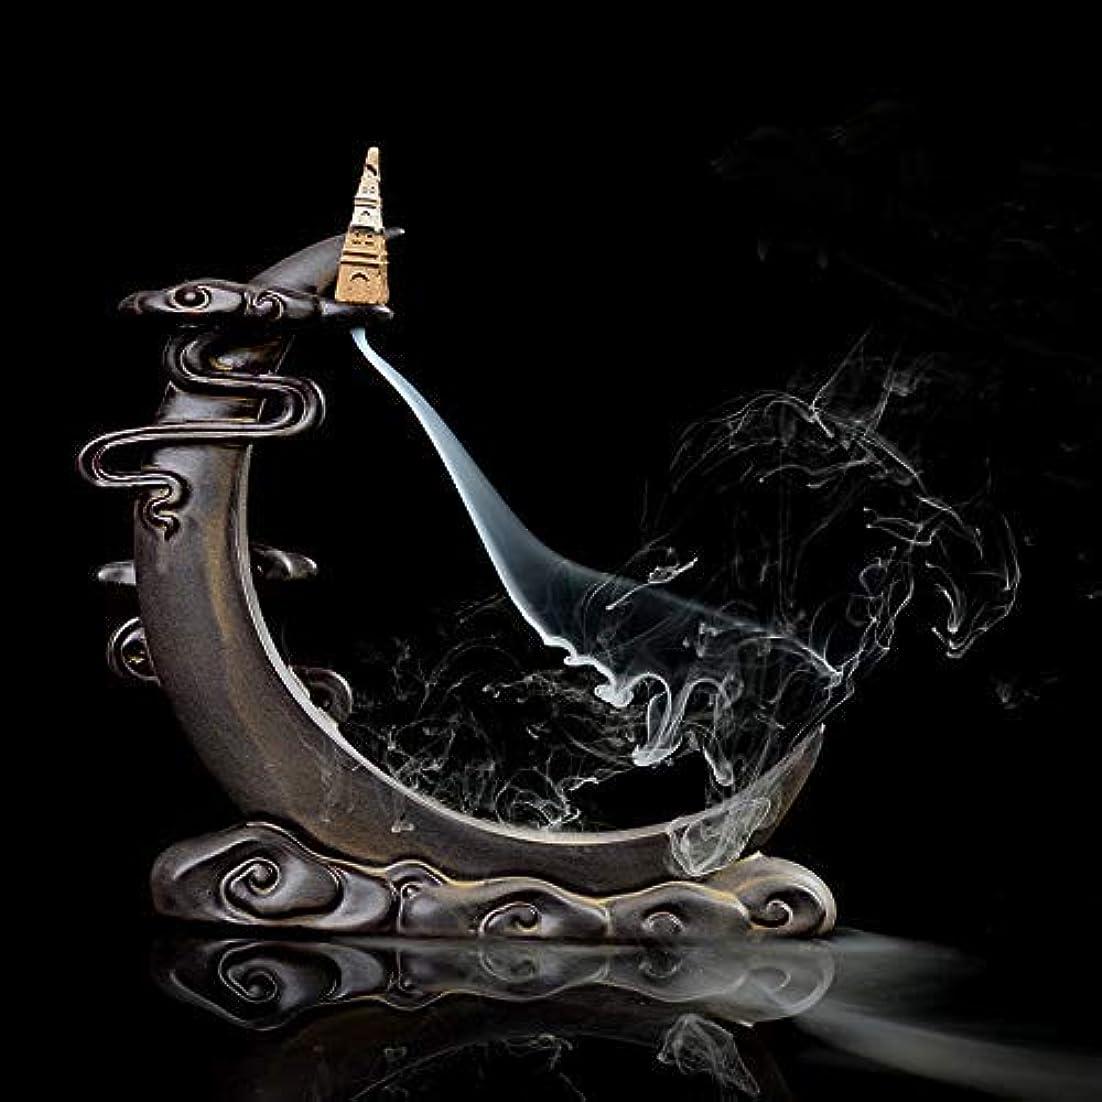 レディ社説マーカーPHILOGOD 陶器香炉 月の形逆流香 倒流香仏壇用香置物 香立て